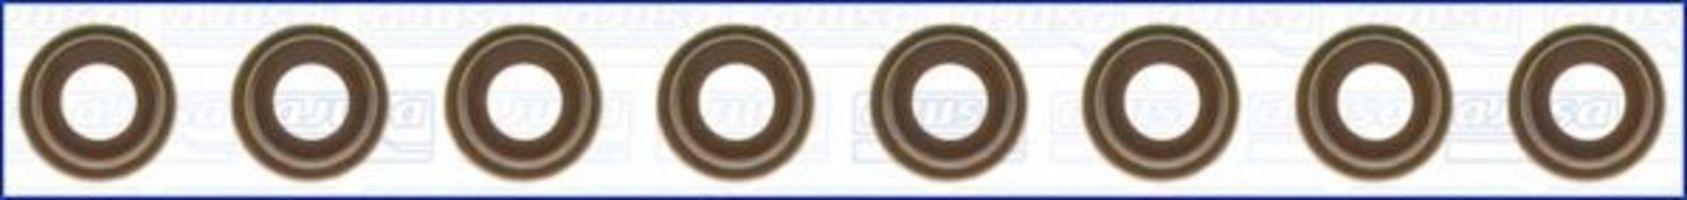 Купить Сальники клапанов комплект AJUSA 57023700